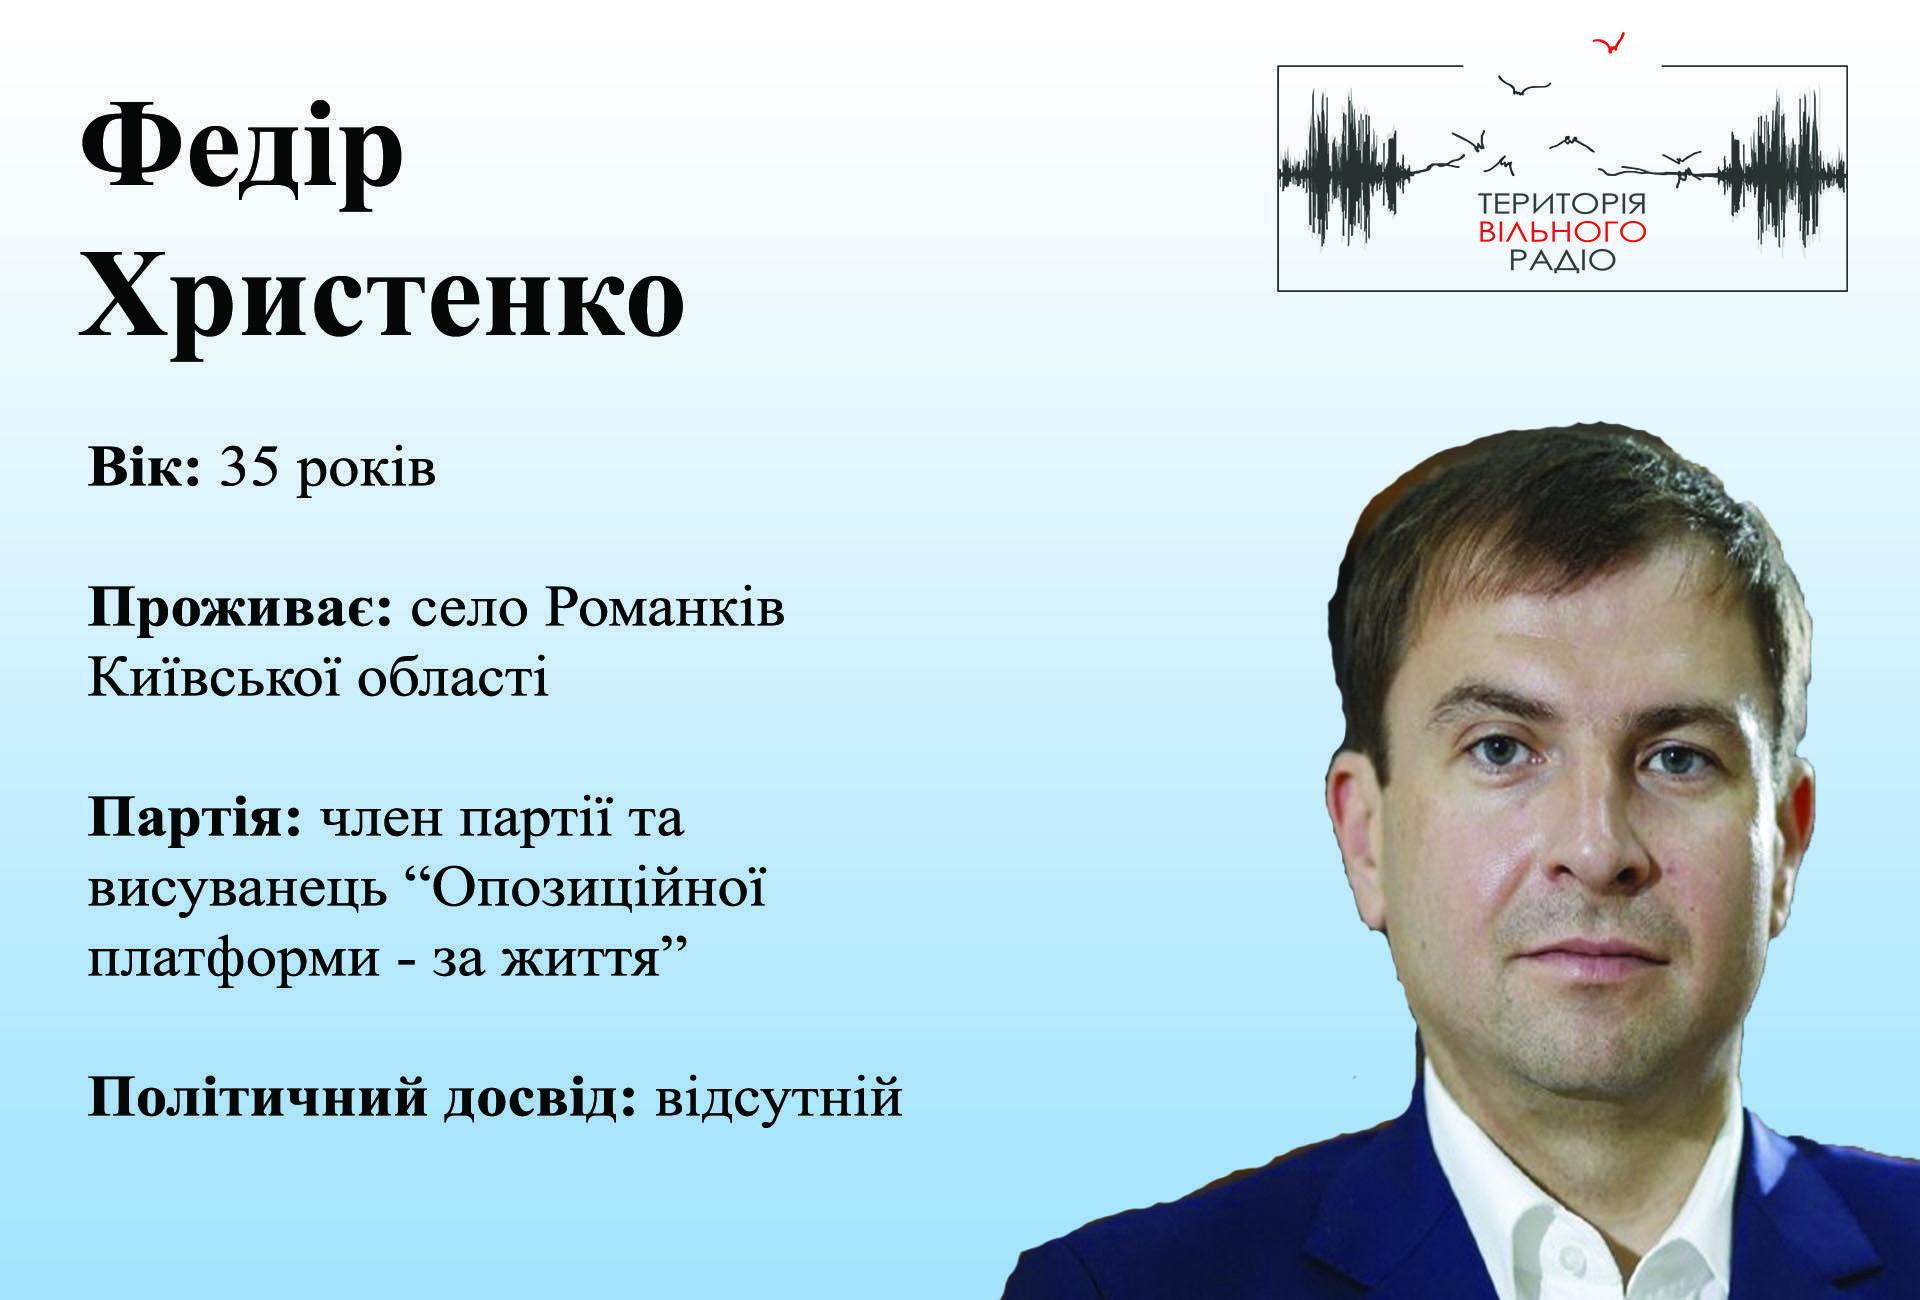 Федор Христенко 46 избирательный округ За життя